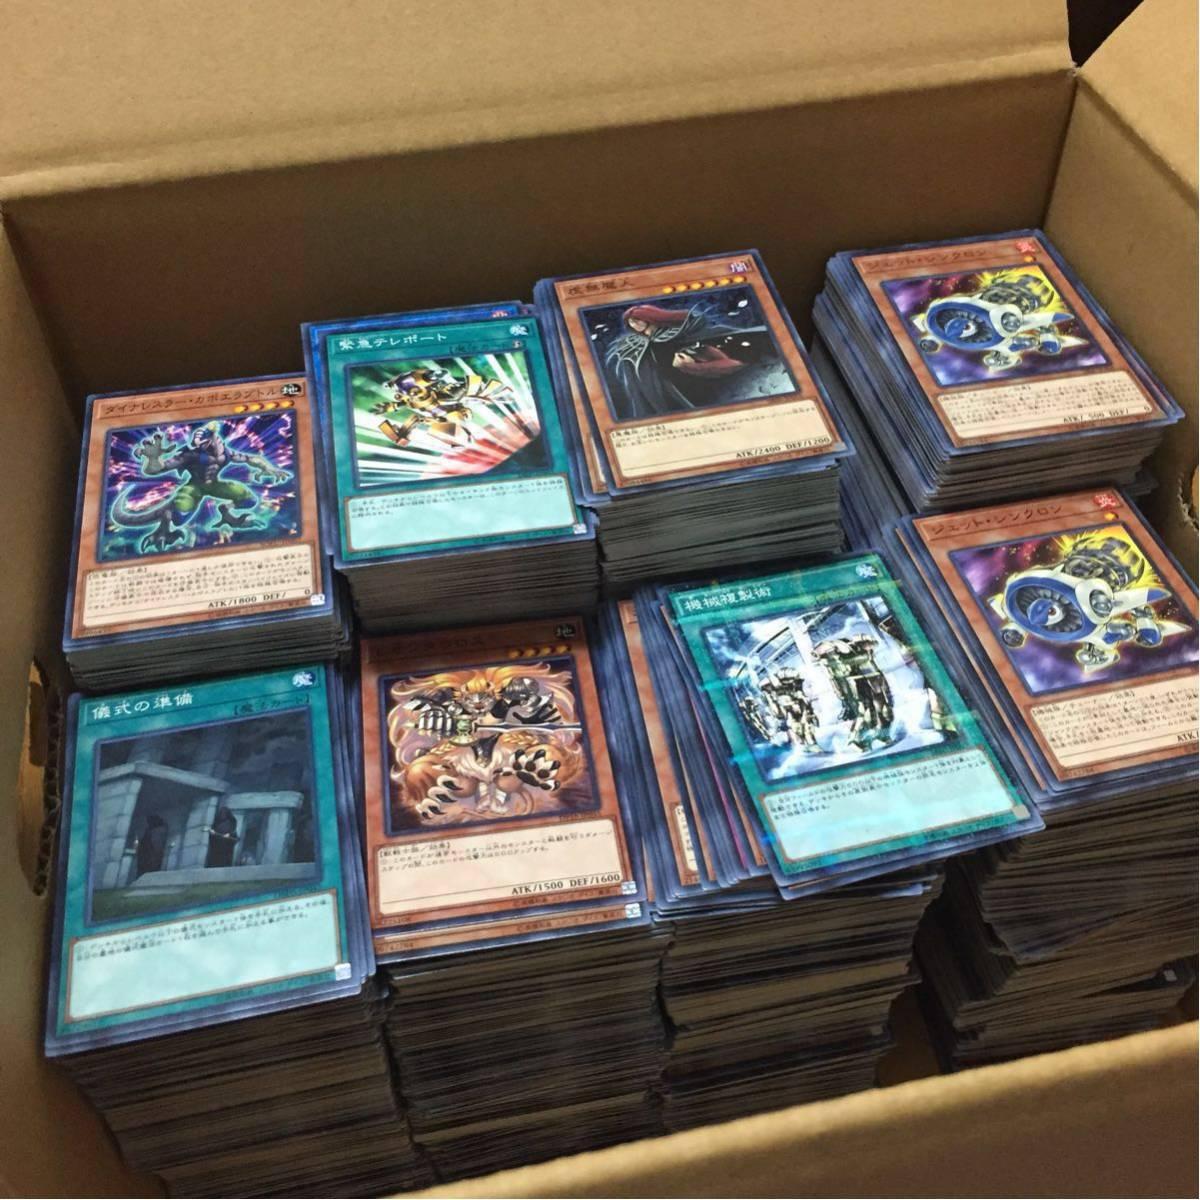 遊戯王 遊戯王カード コレクション 完全引退品 引退 初期 初期カード レア 希少 絶版 限定 まとめ売り プロモ ウルシク _画像9